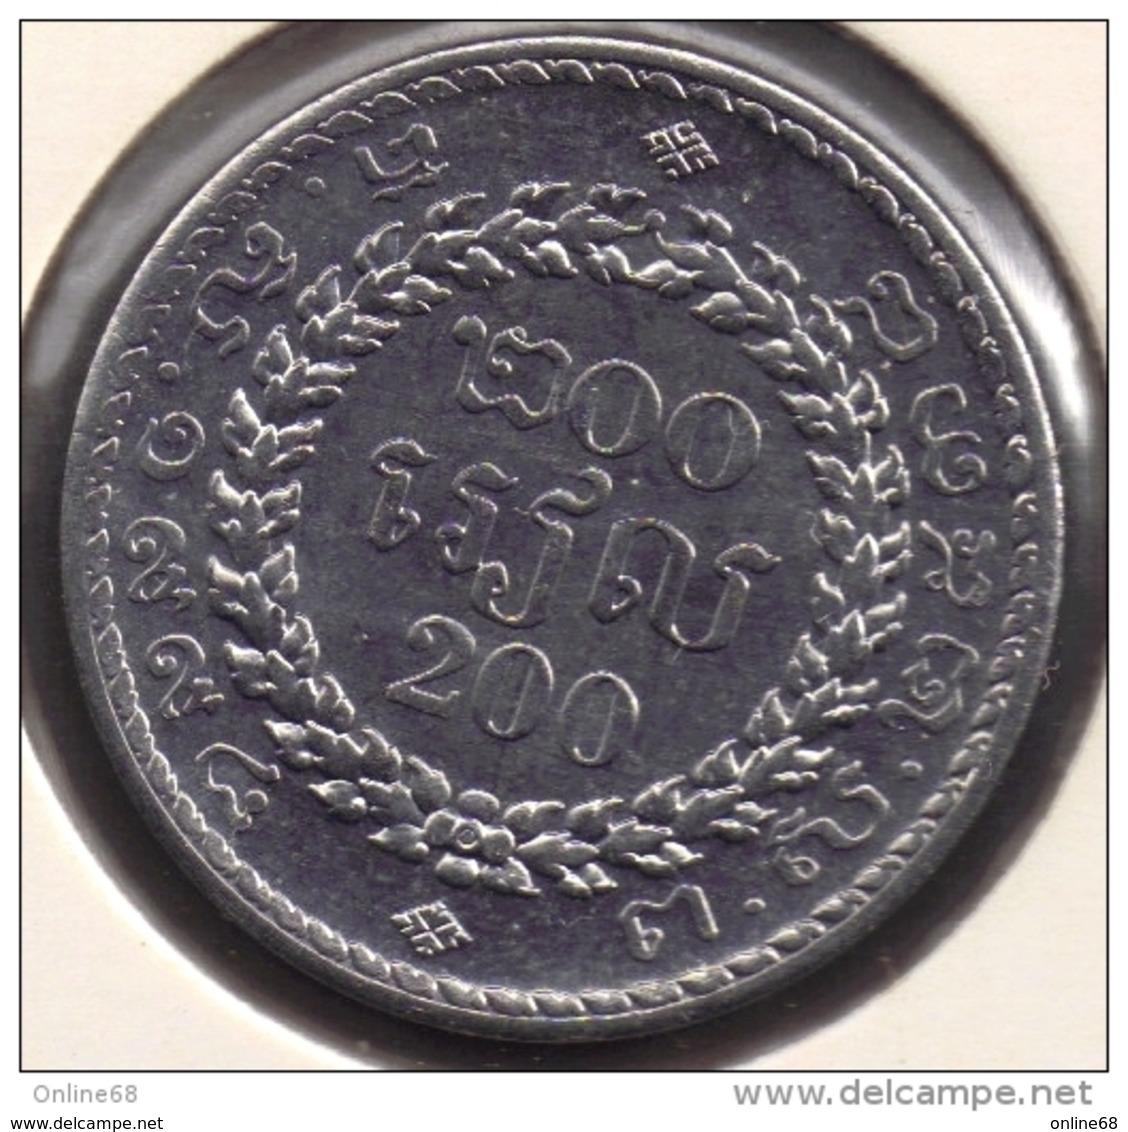 LOT 4 COINS JAPAN 1 SEN 1922 - CAMBODIA 200 RIELS 1994 - CHINA 1 YUAN 1991 - MONGOLIA 50 MONGO 1981 - Coins & Banknotes